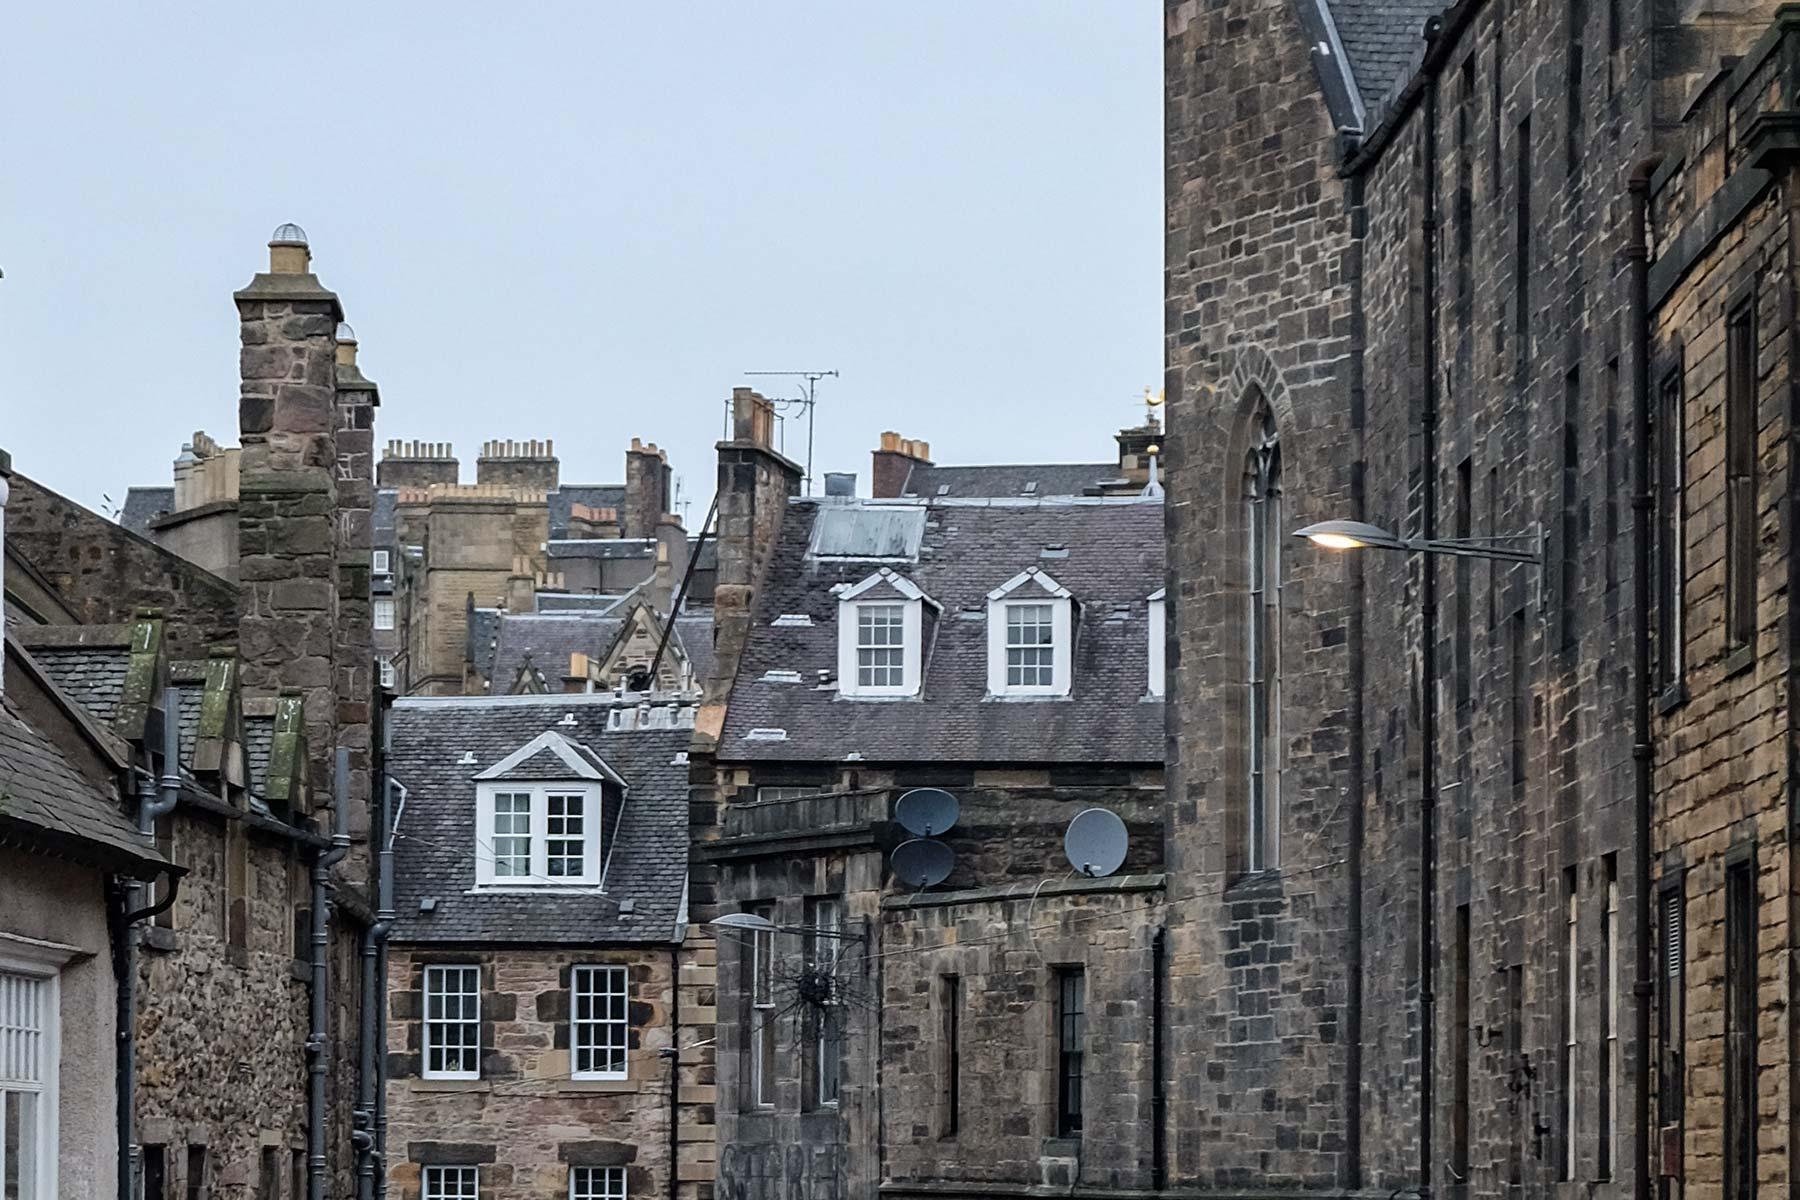 Innenstadt von Edinburgh, Schottland